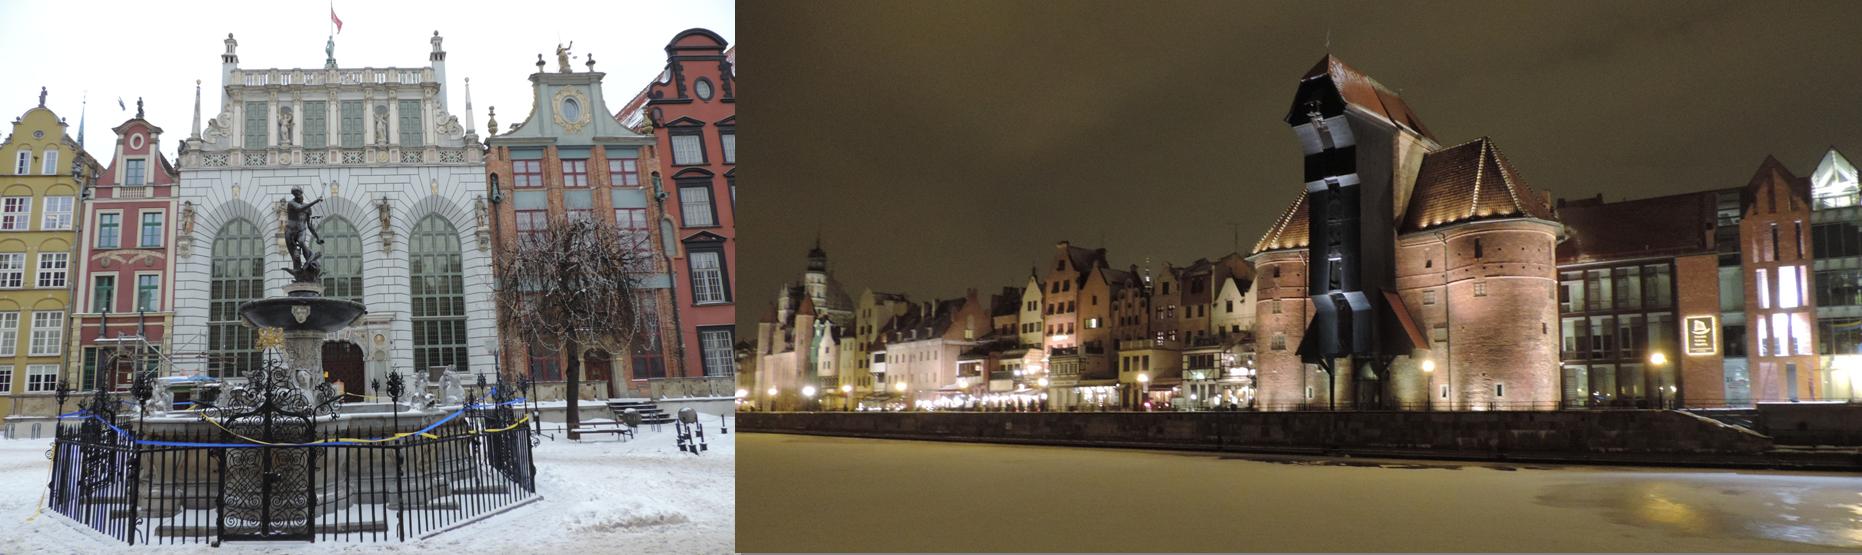 Fontanna Neptuna y Grúa de Gdańsk, los dos símbolos de la ciudad. La segunda es un simbolo de la riqueza de esta ciudad en el pasado, capaz de elevar 4 toneladas ya en el S XIV. Además en la ciudad se encuentra el gran molino, capaz de moler 200 toneladas de cereales al día en el siglo XIV y que durante mucho tiempo fue la mayor inversión de Europa Medieval.